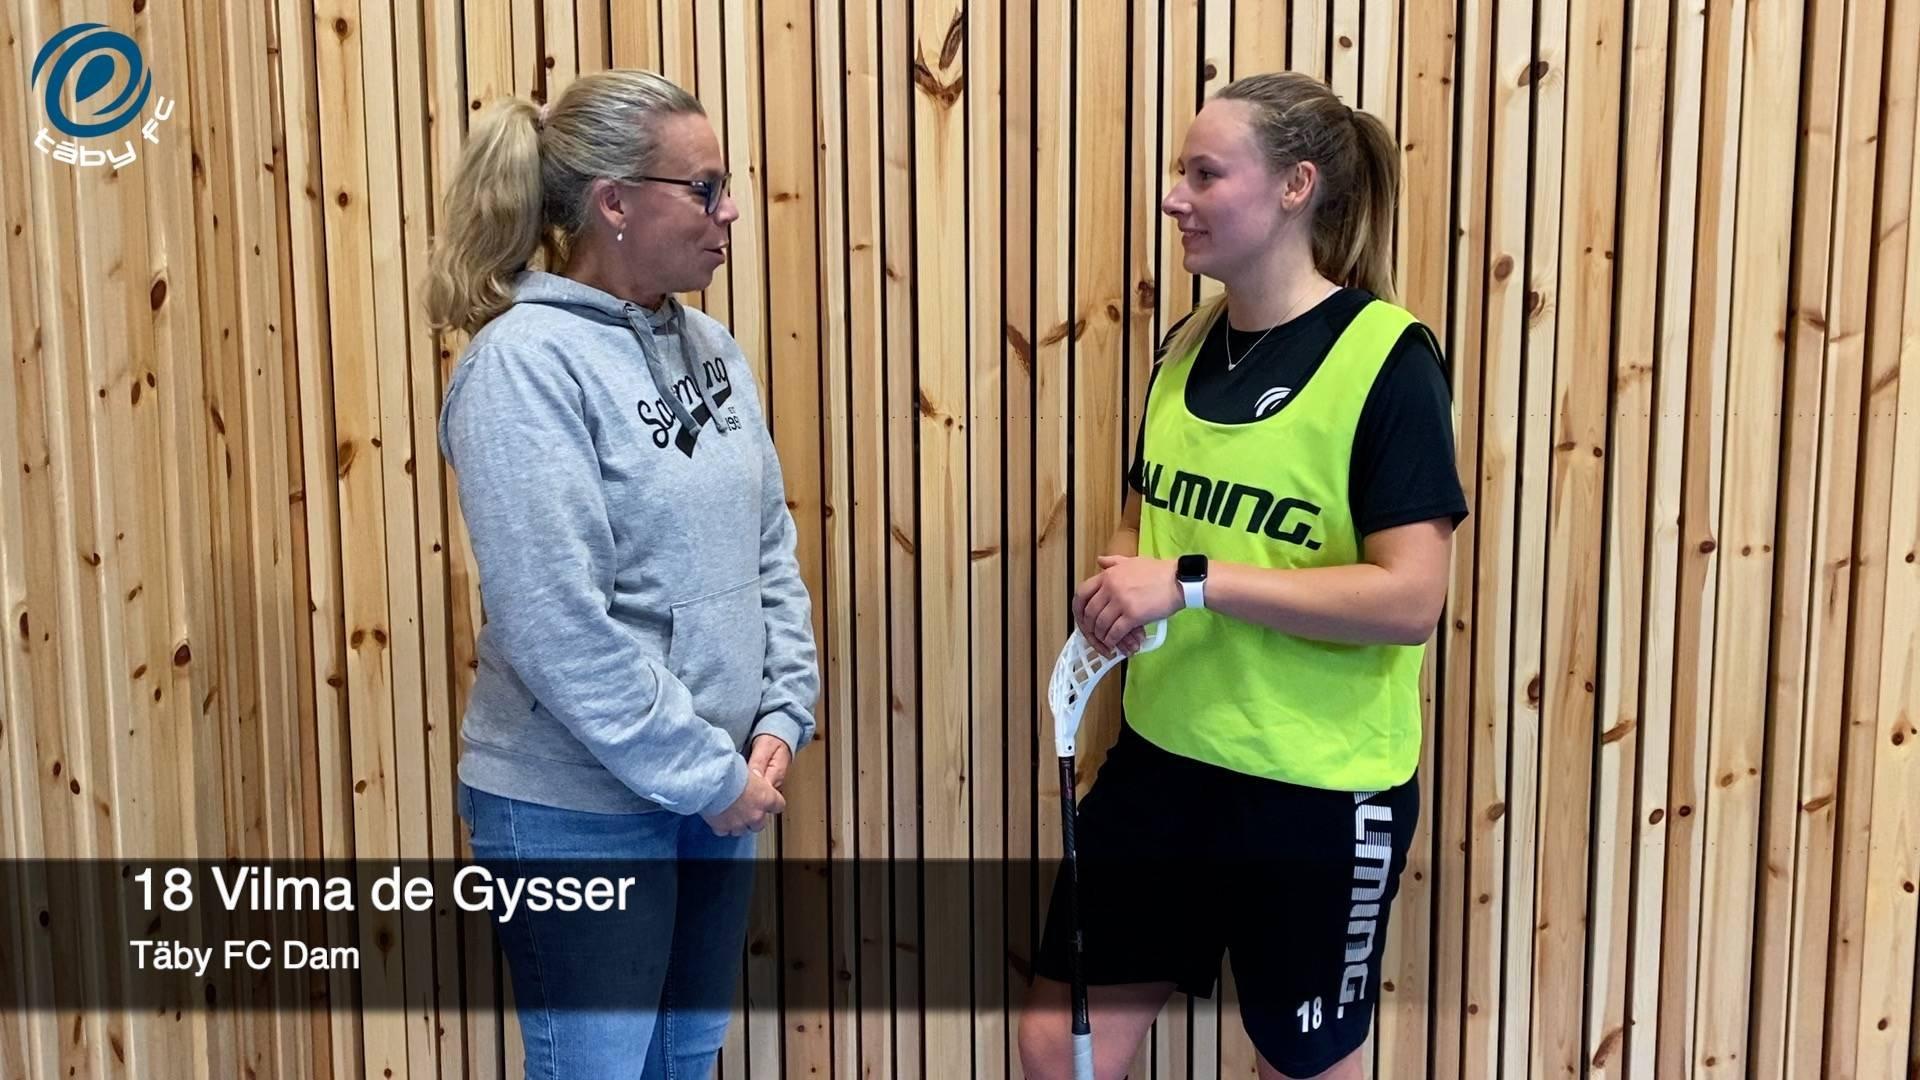 Speakers Corner #3 - Vilma de Gysser